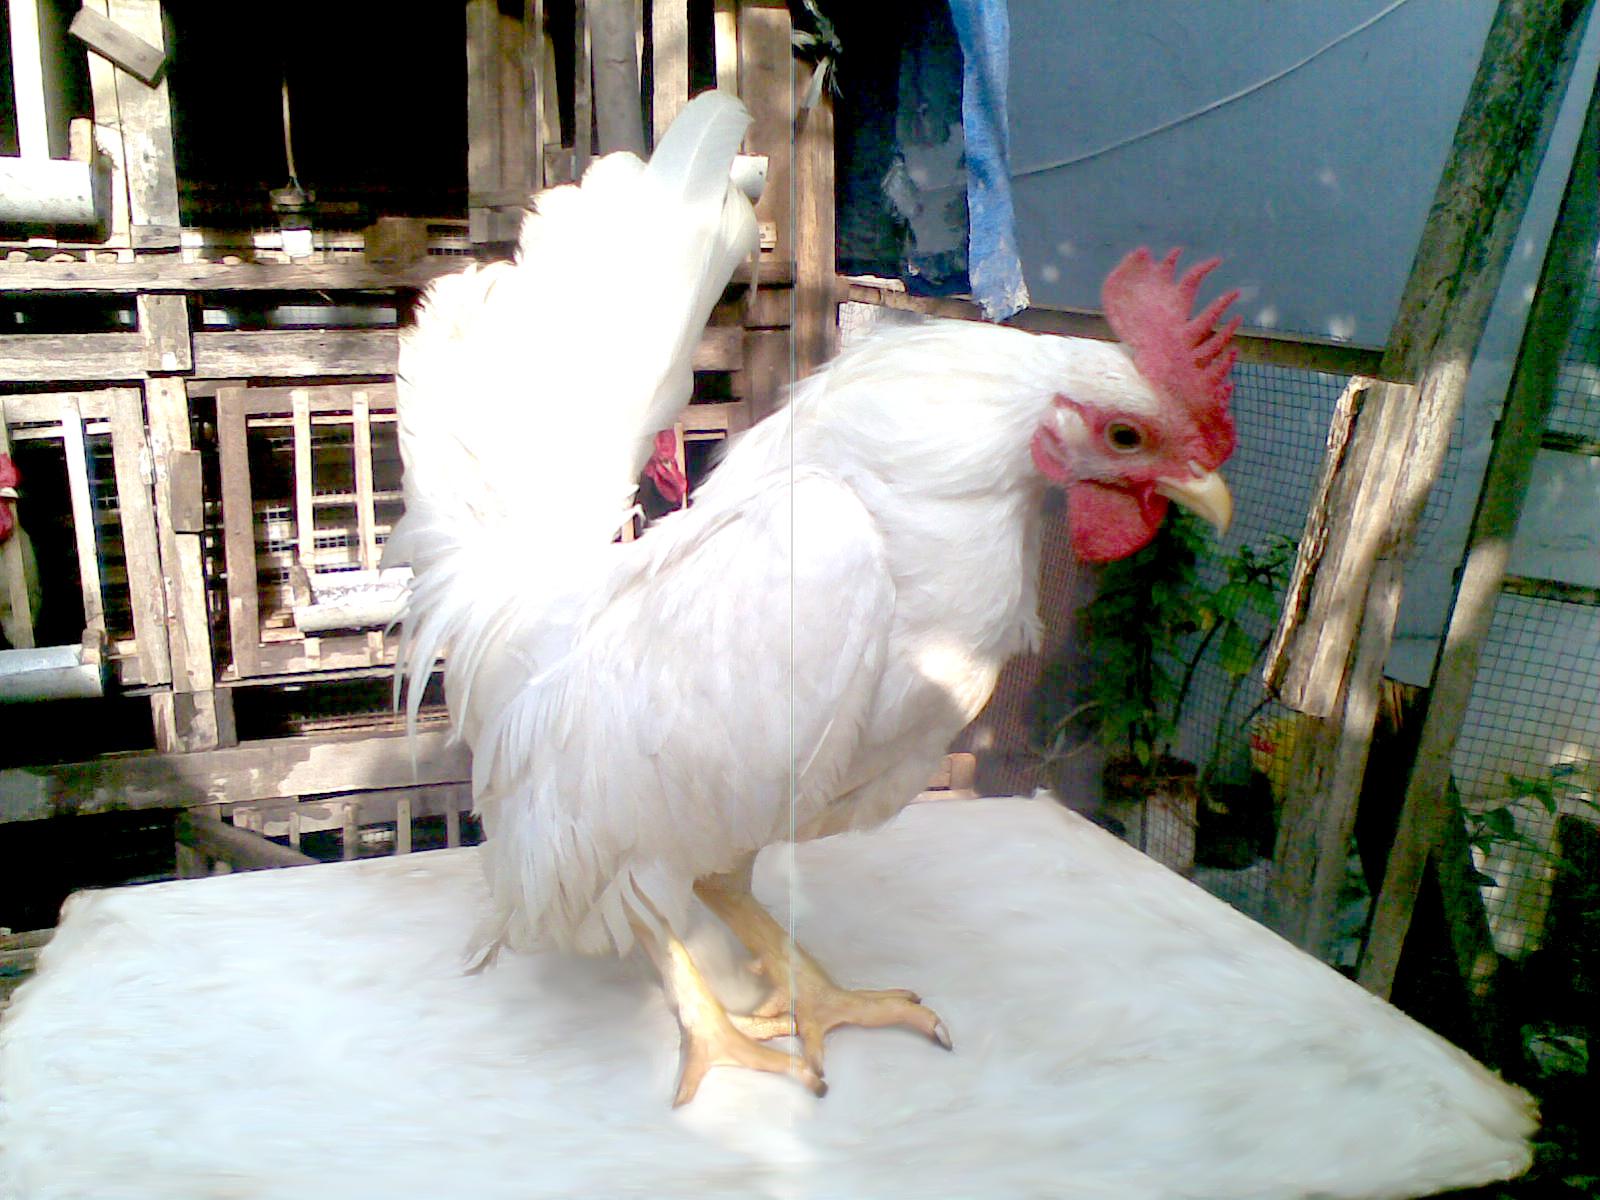 Ayam Mudah Sakit? Cari Tahu Solusinya di Sini!